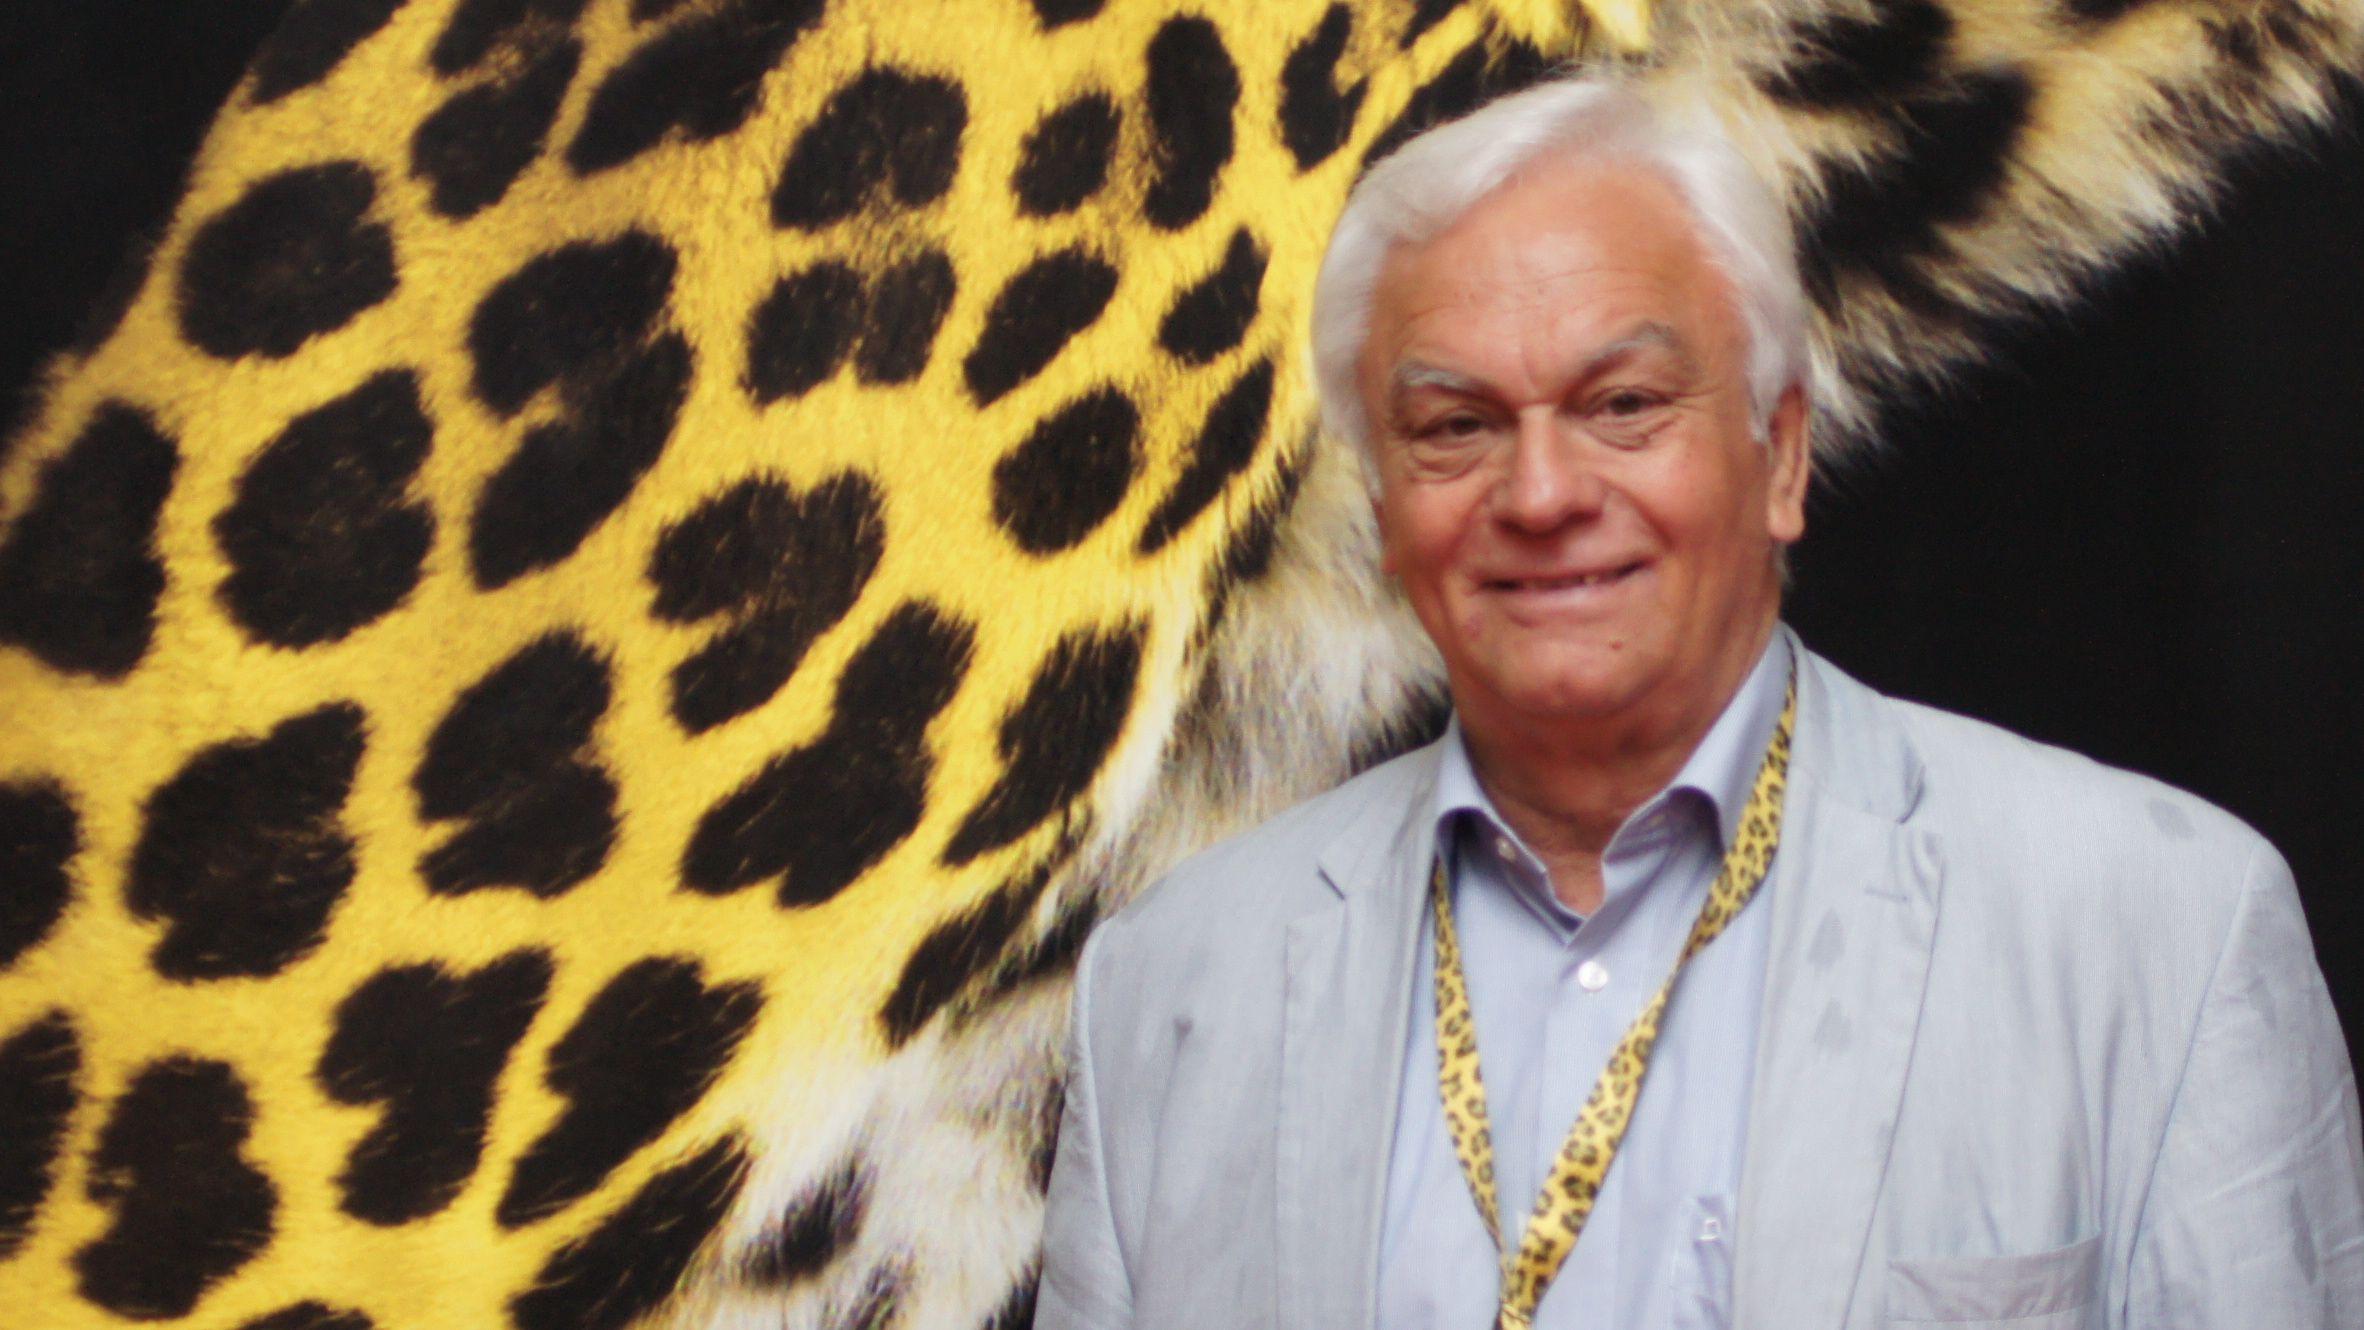 Werner Schneider-Quindeau, Präsident der Ökumenischen Jury am Filmfestival in Locarno.